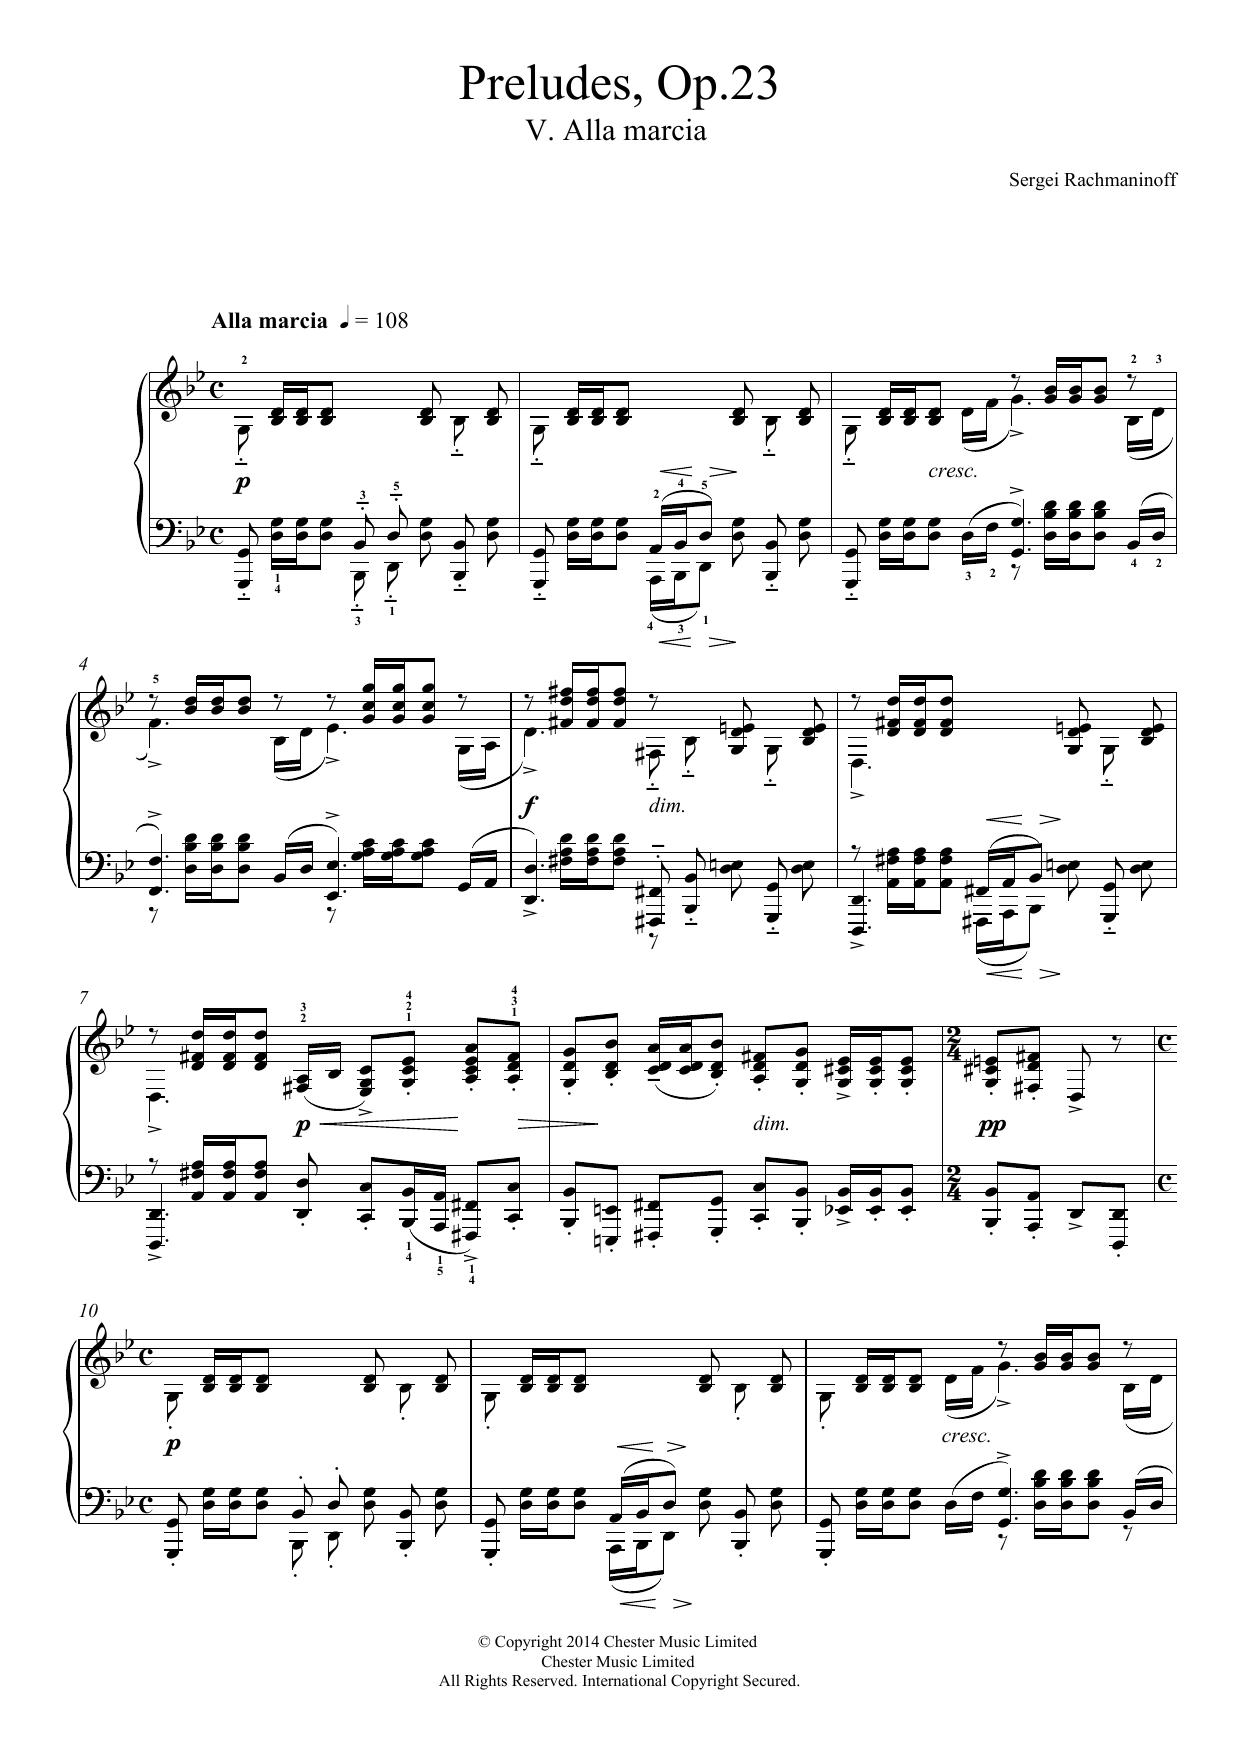 Sergei Rachmaninoff - Preludes Op.23, No.5 Alla marcia